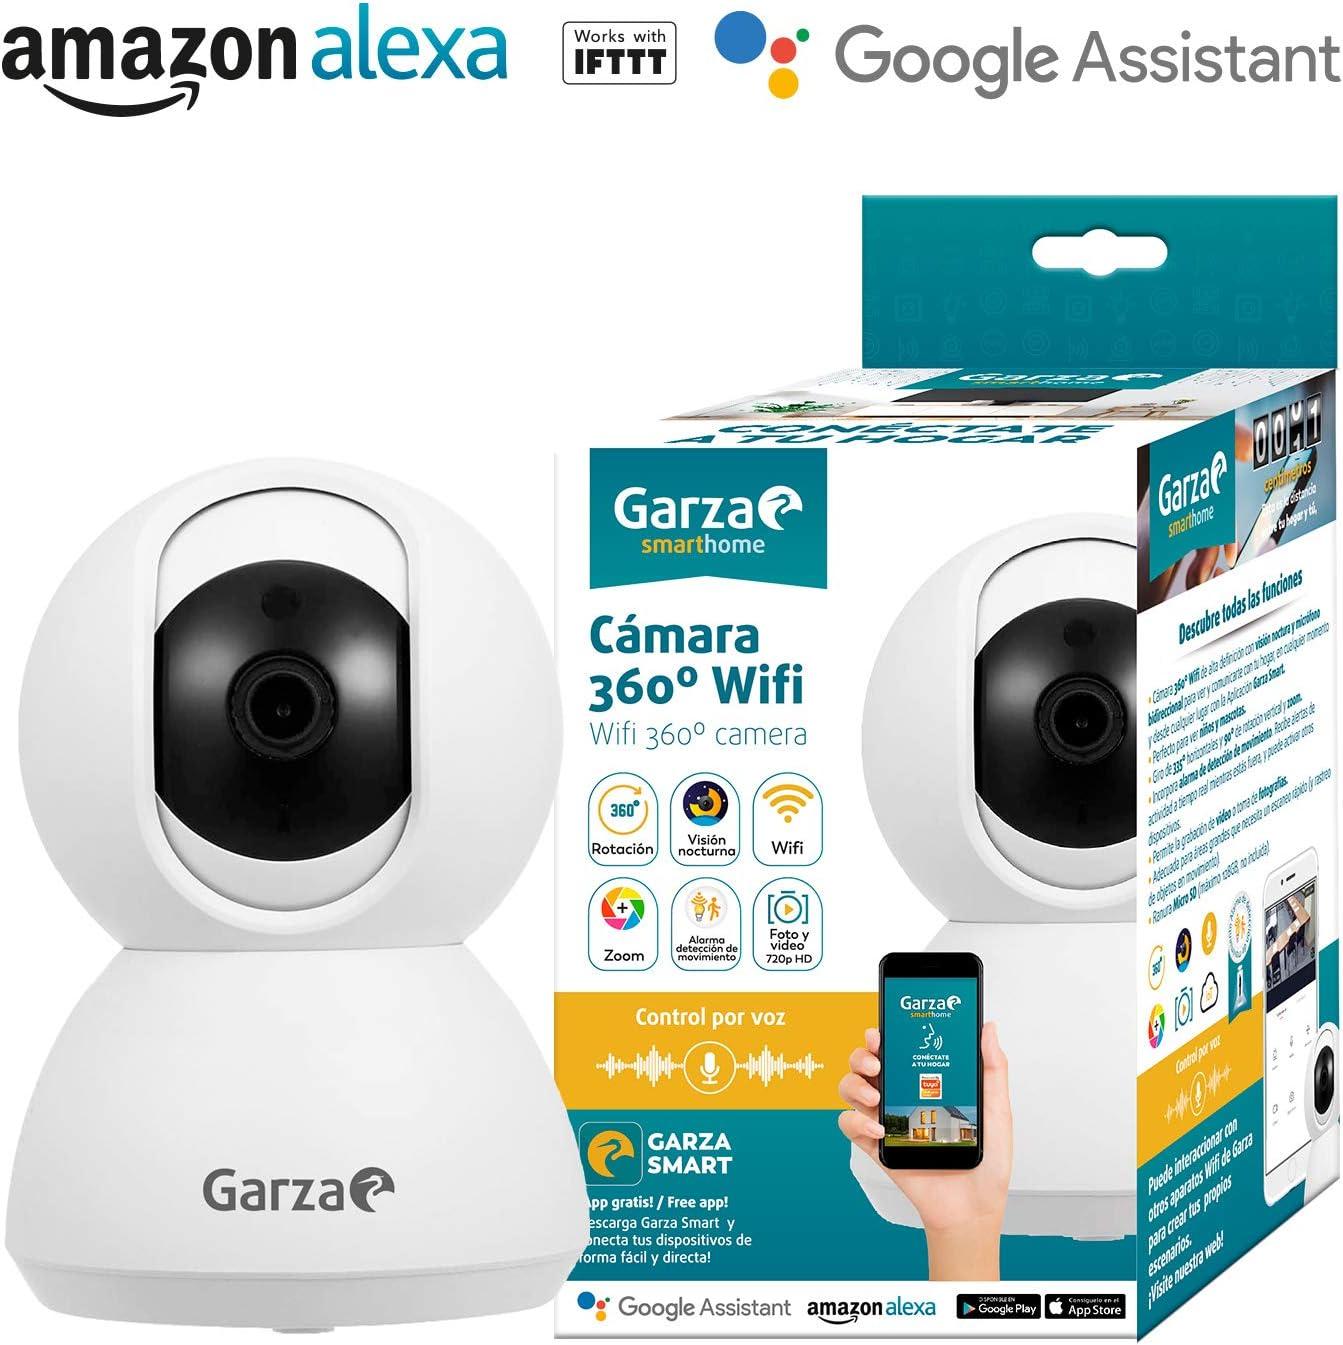 Garza Smarthome - Cámara IP WiFi Inteligente 360, visión Nocturna, HD, iOS, Android, Alexa, Google: Amazon.es: Electrónica